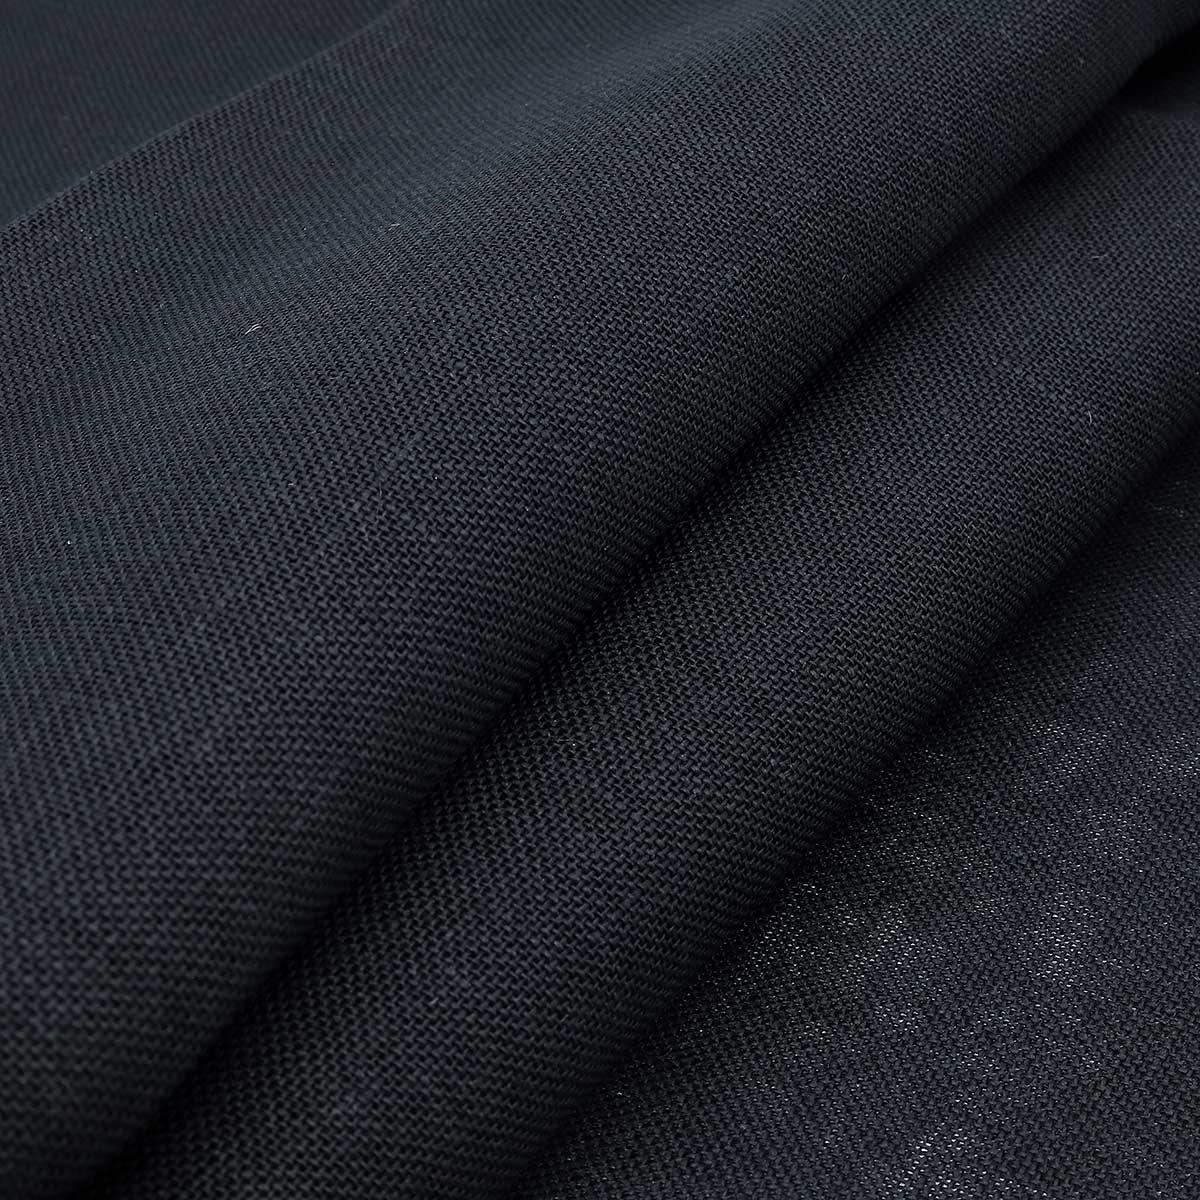 Канва в упаковке 3609/720 Belfast 32ct (100% лен) 50*70см